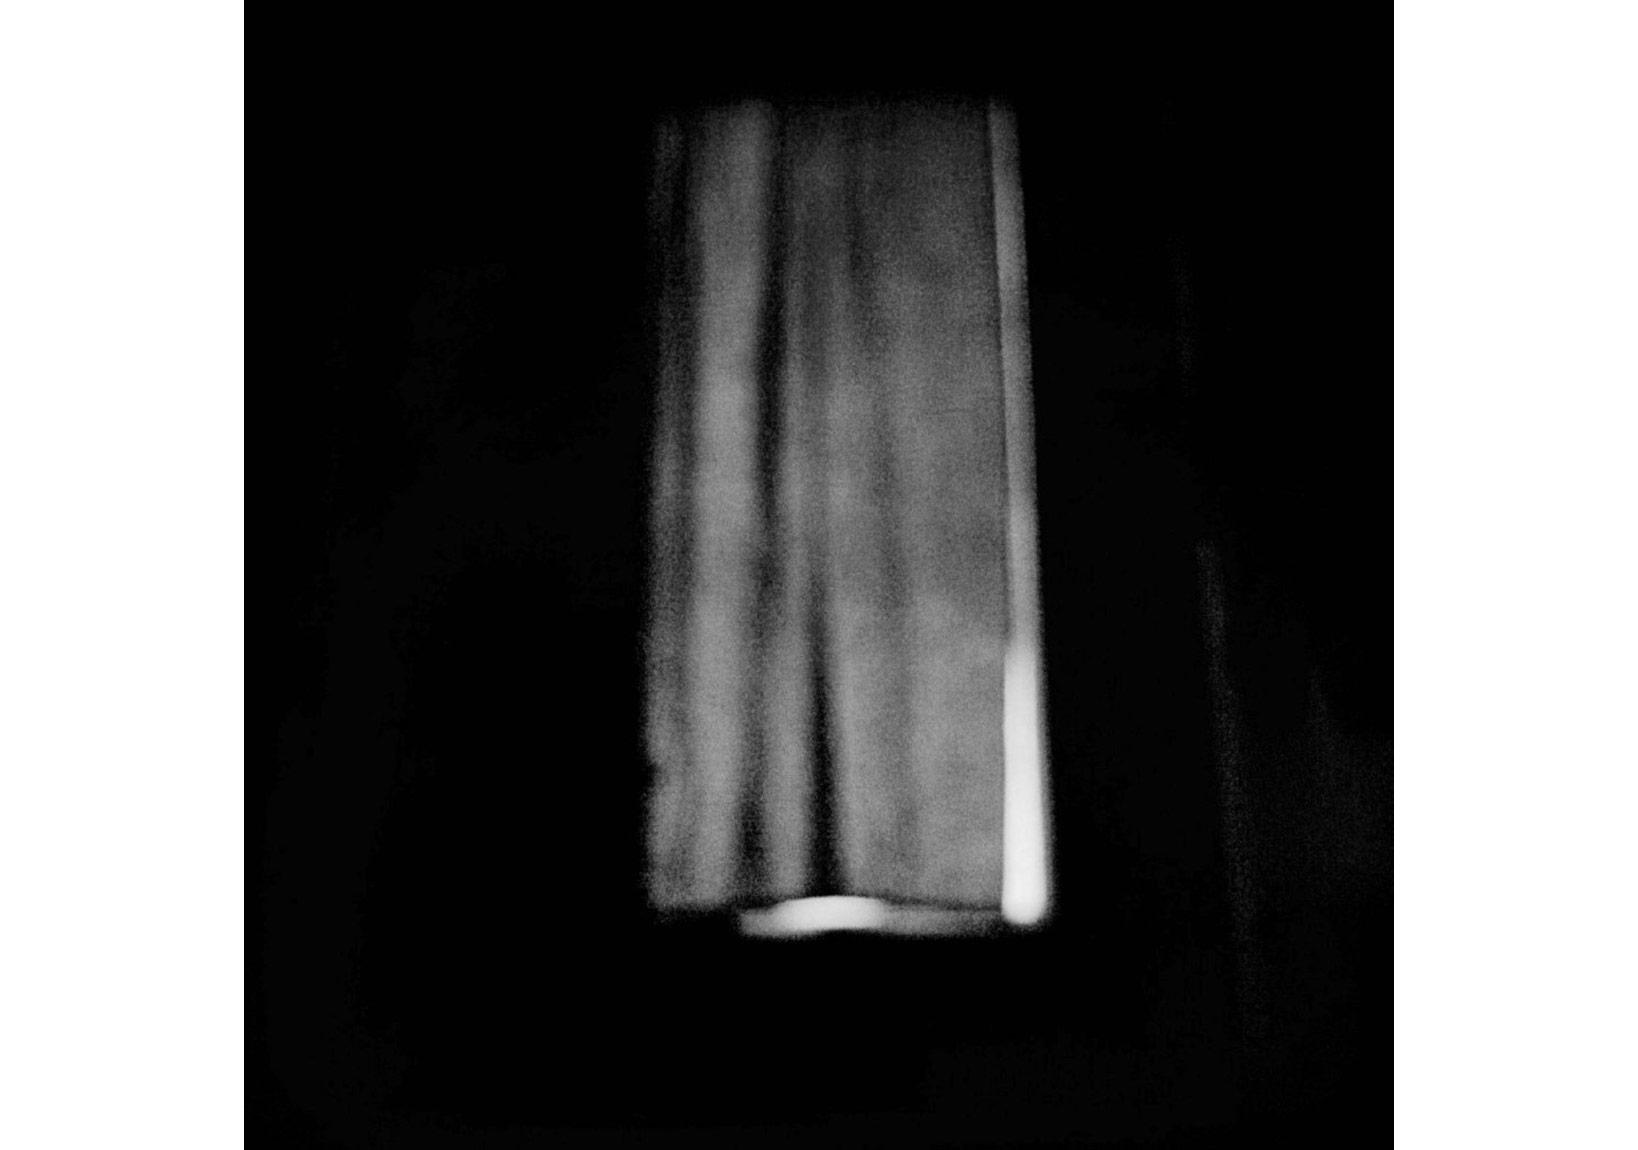 © Yiğit Kahraman, 'Project:Black' serisinden fotoğraf